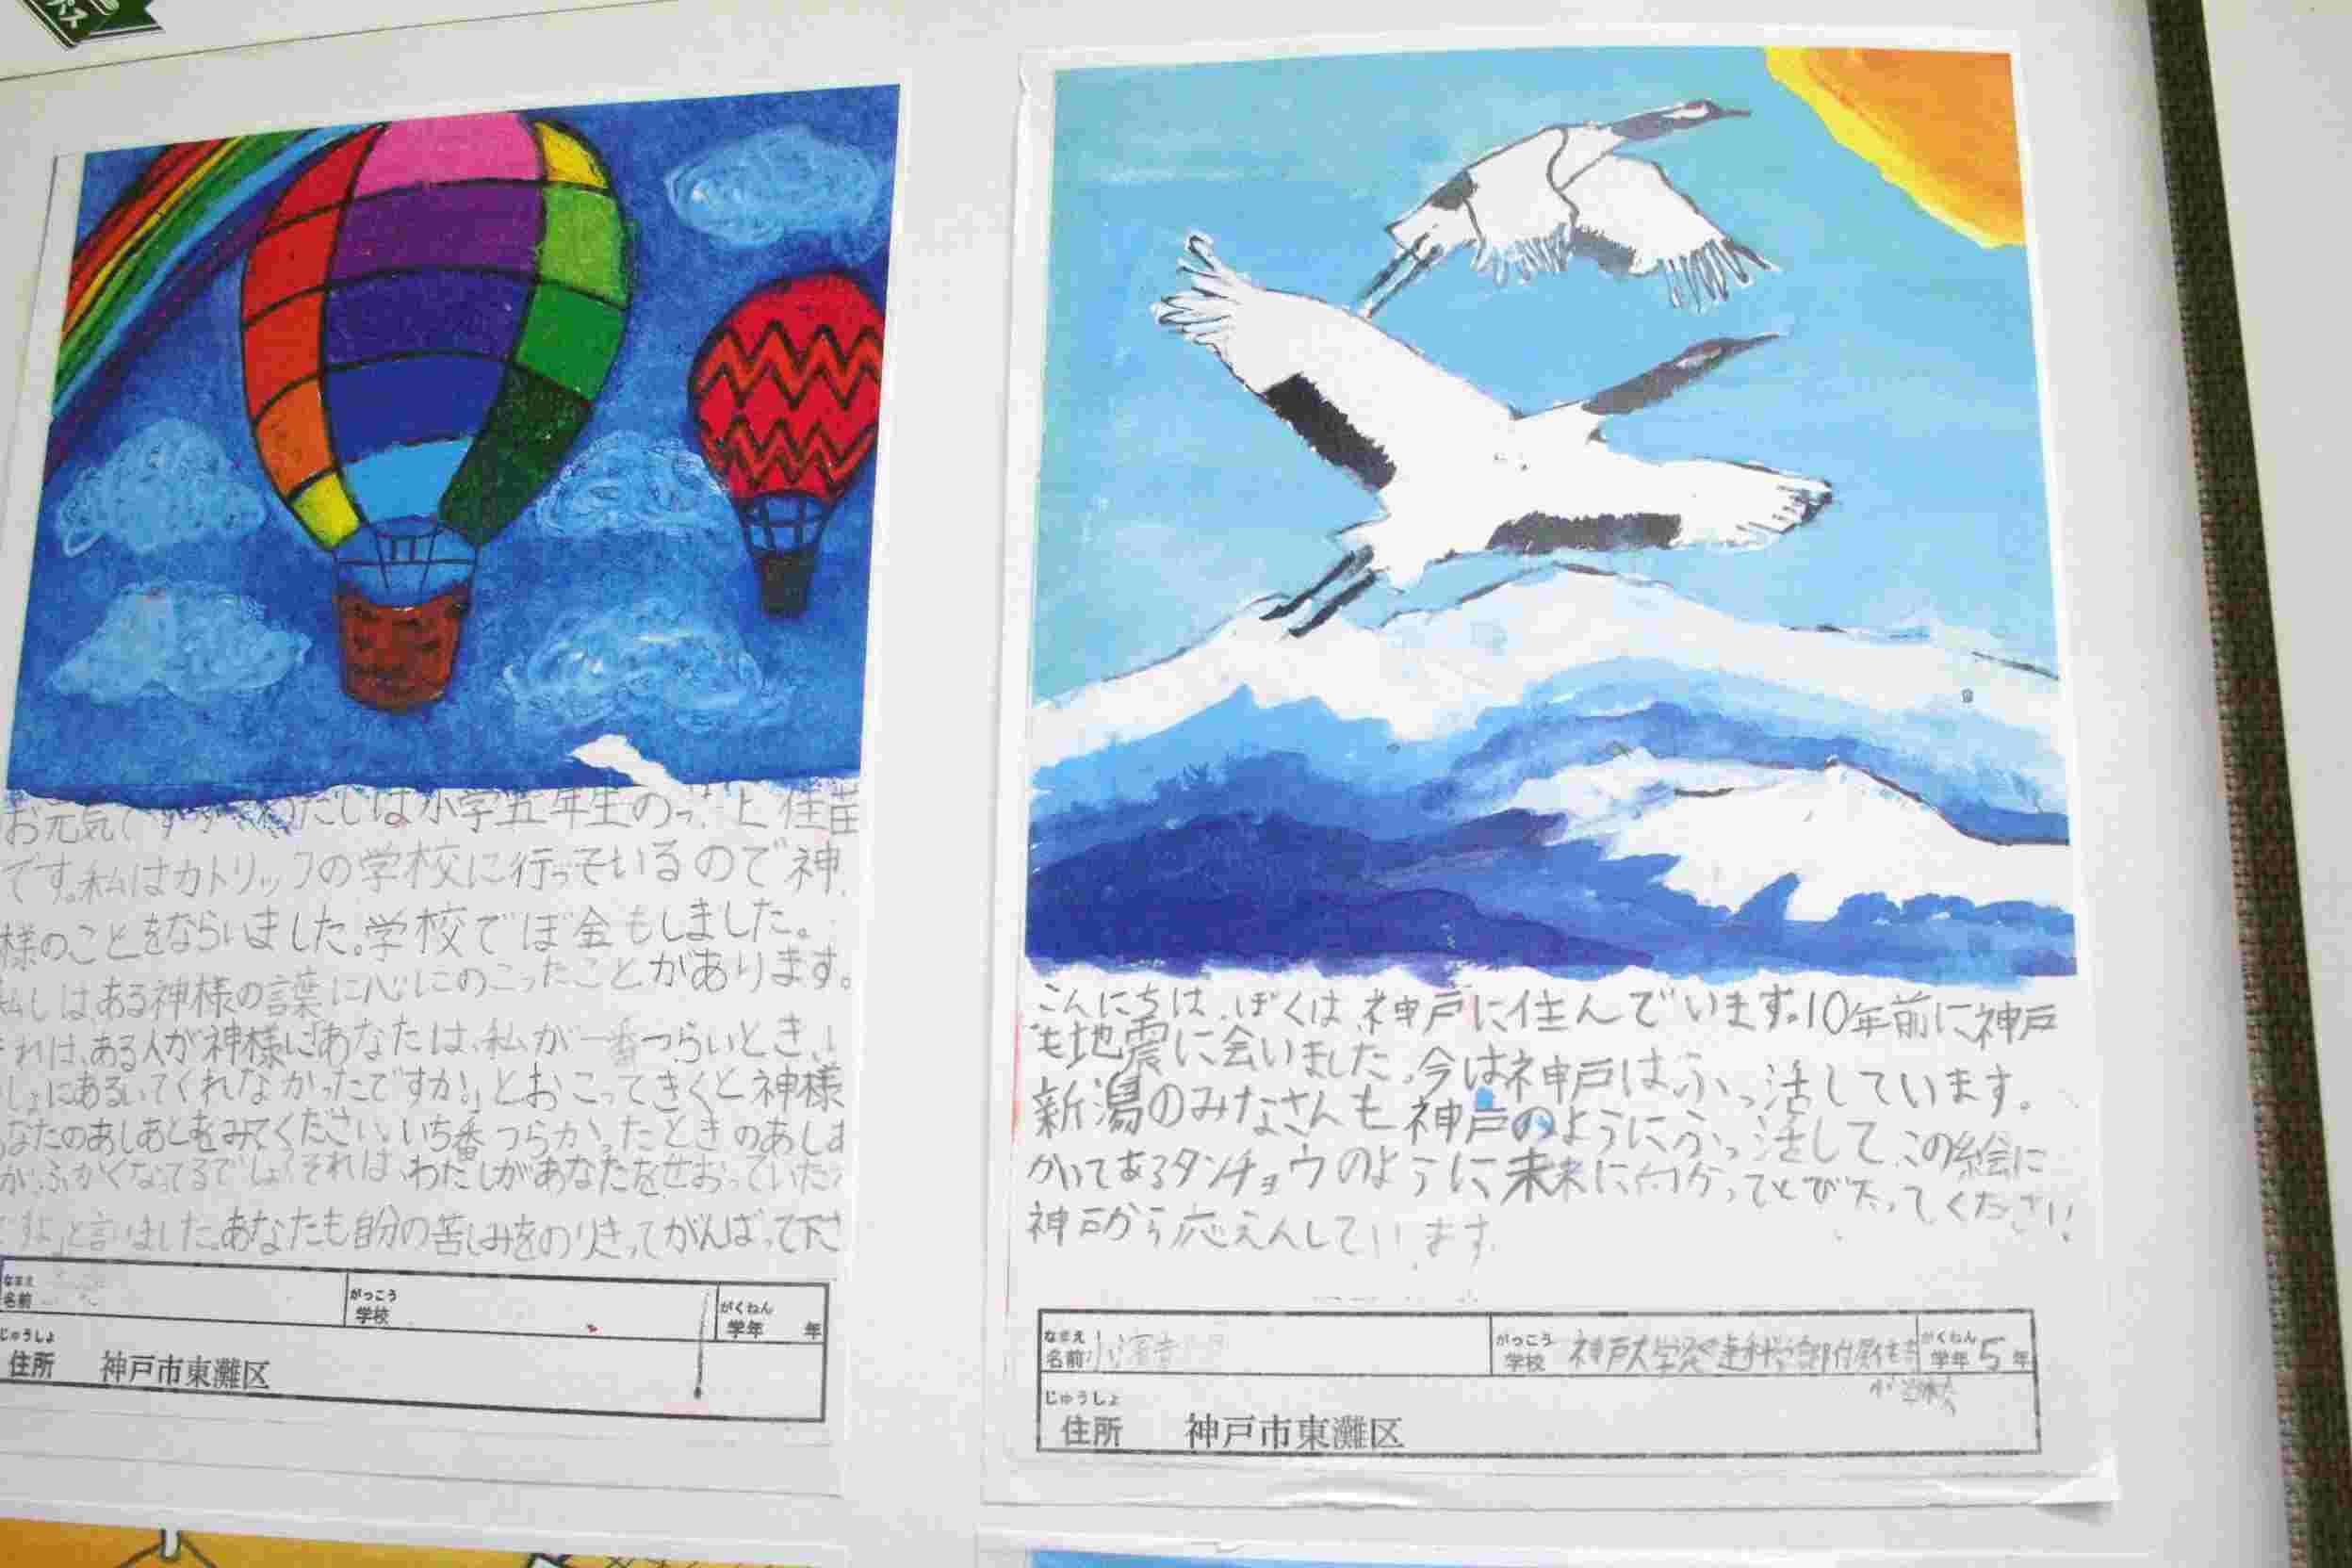 アトリエ太陽の子 の展覧会 神戸_e0167771_18291481.jpg